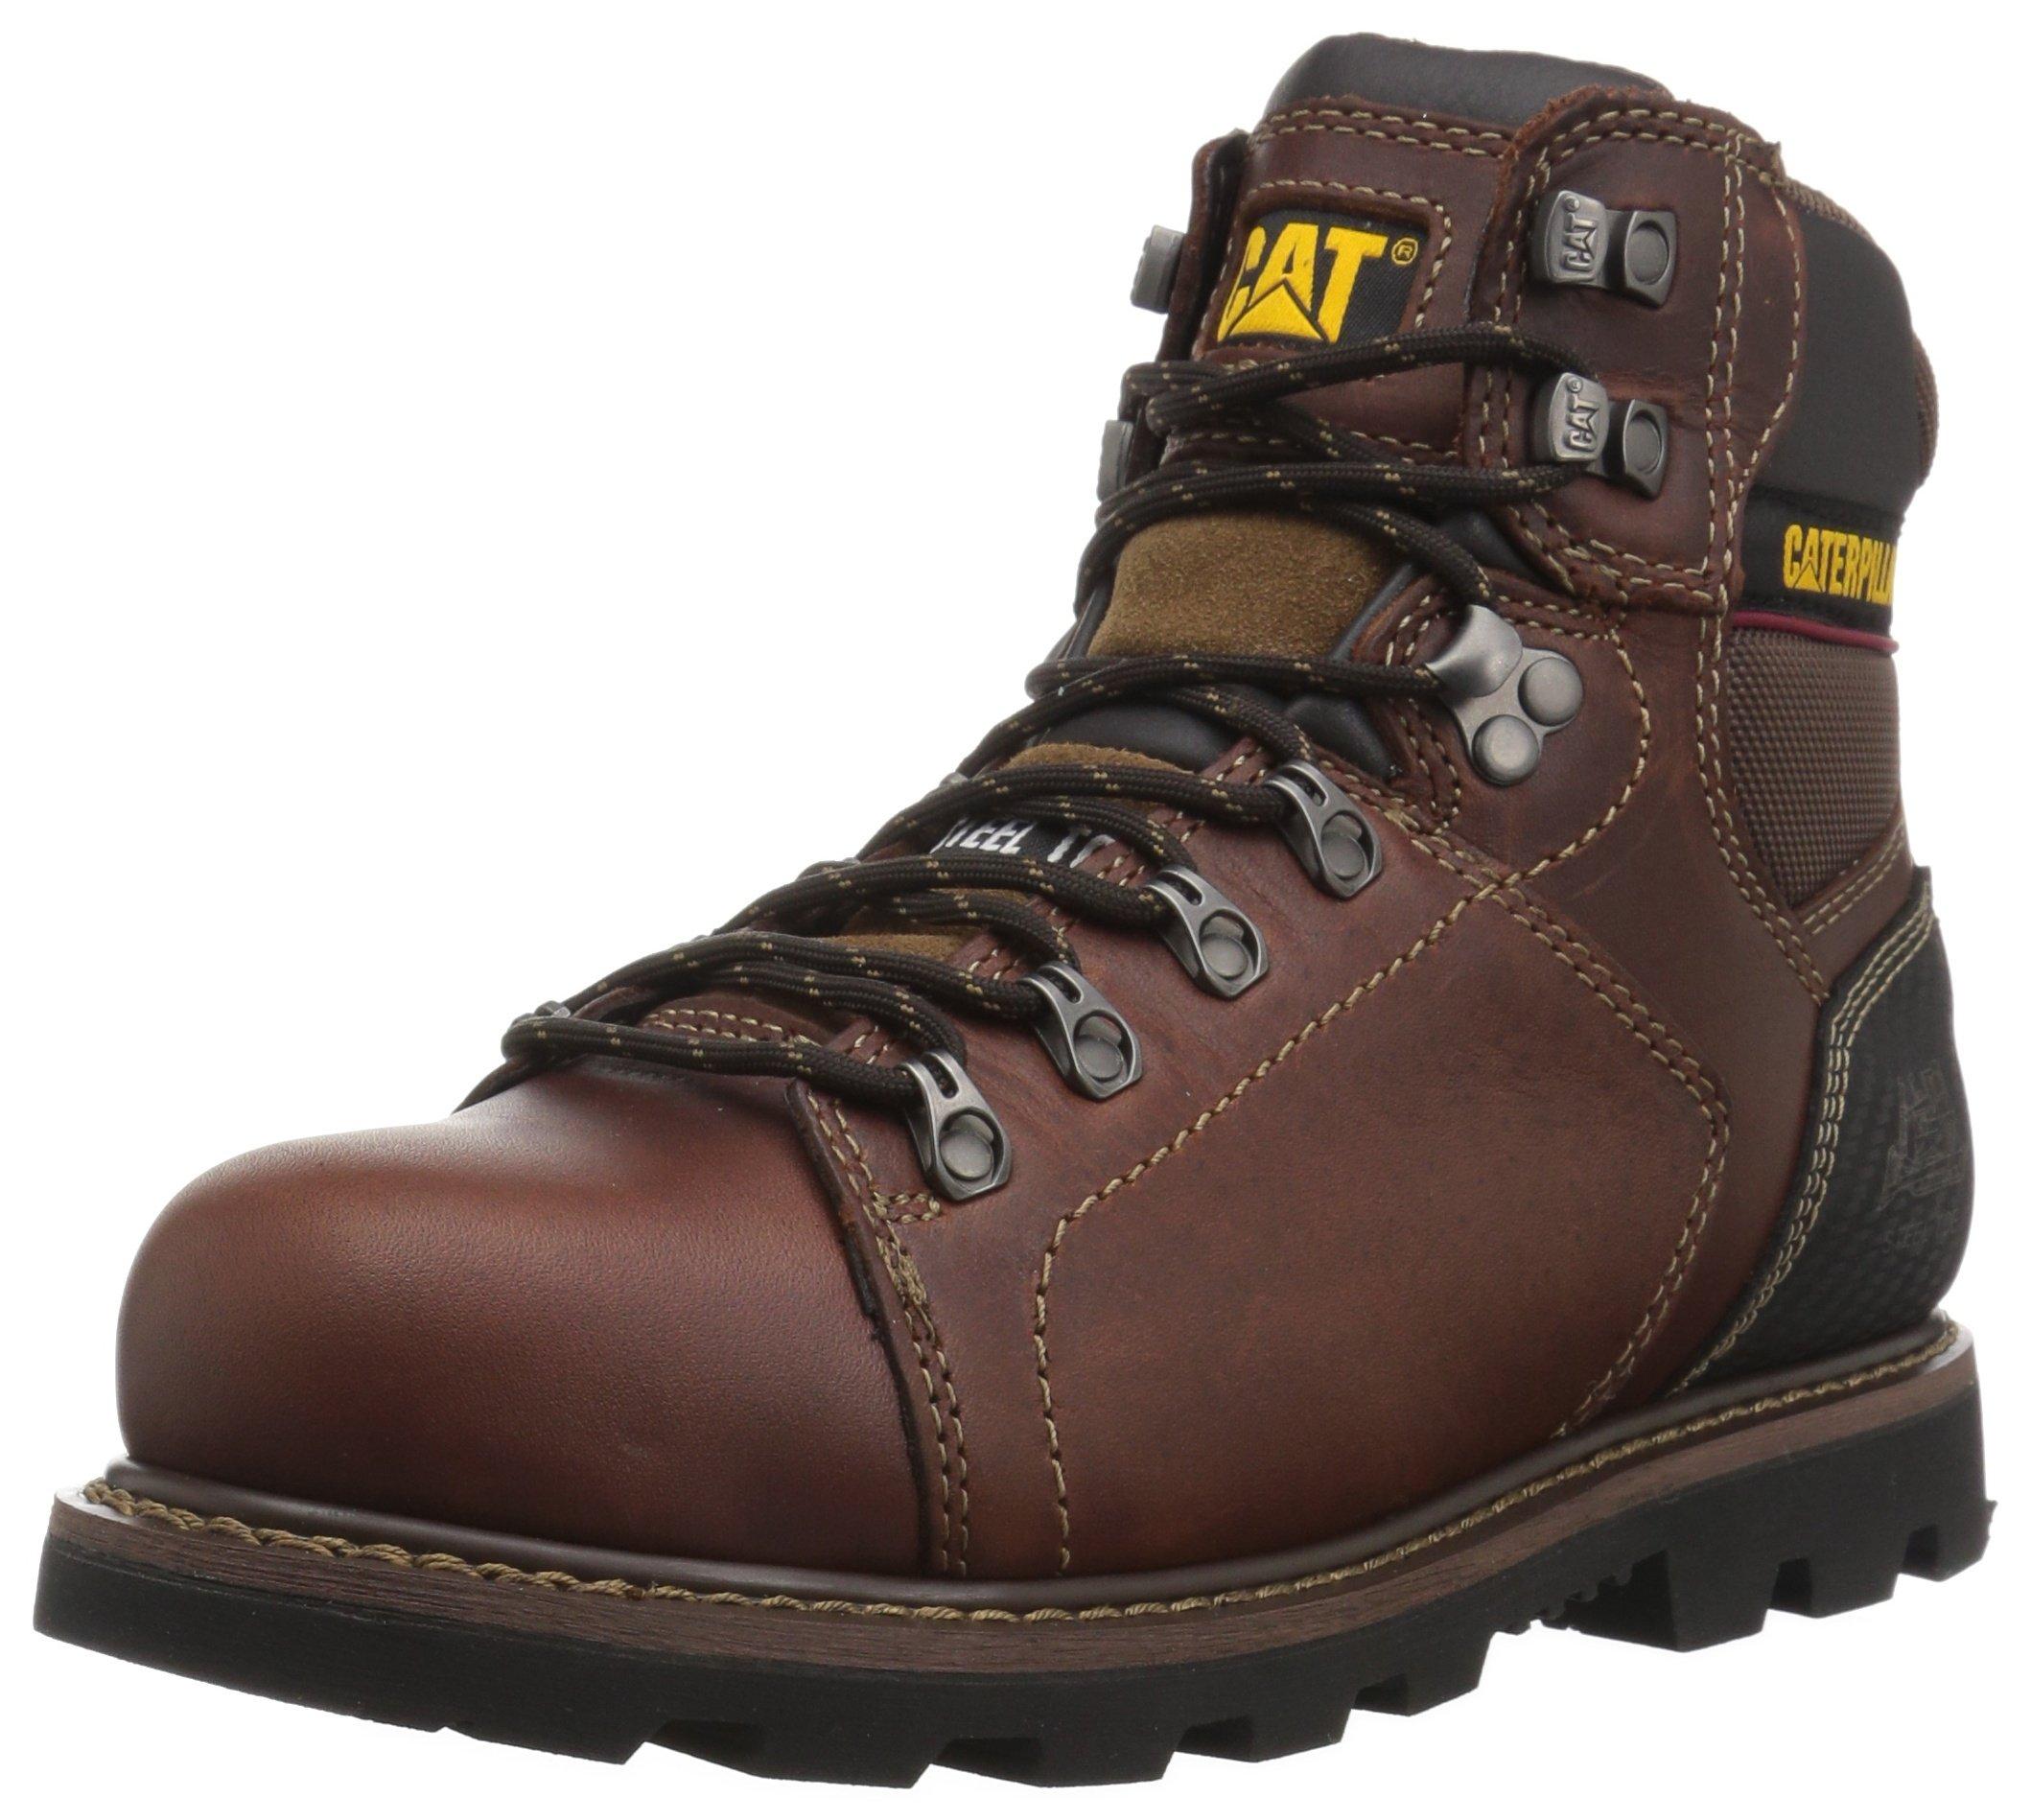 Caterpillar Men's Alaska 2.0 Steel Toe Industrial and Construction Shoe, Brown, 10 W US